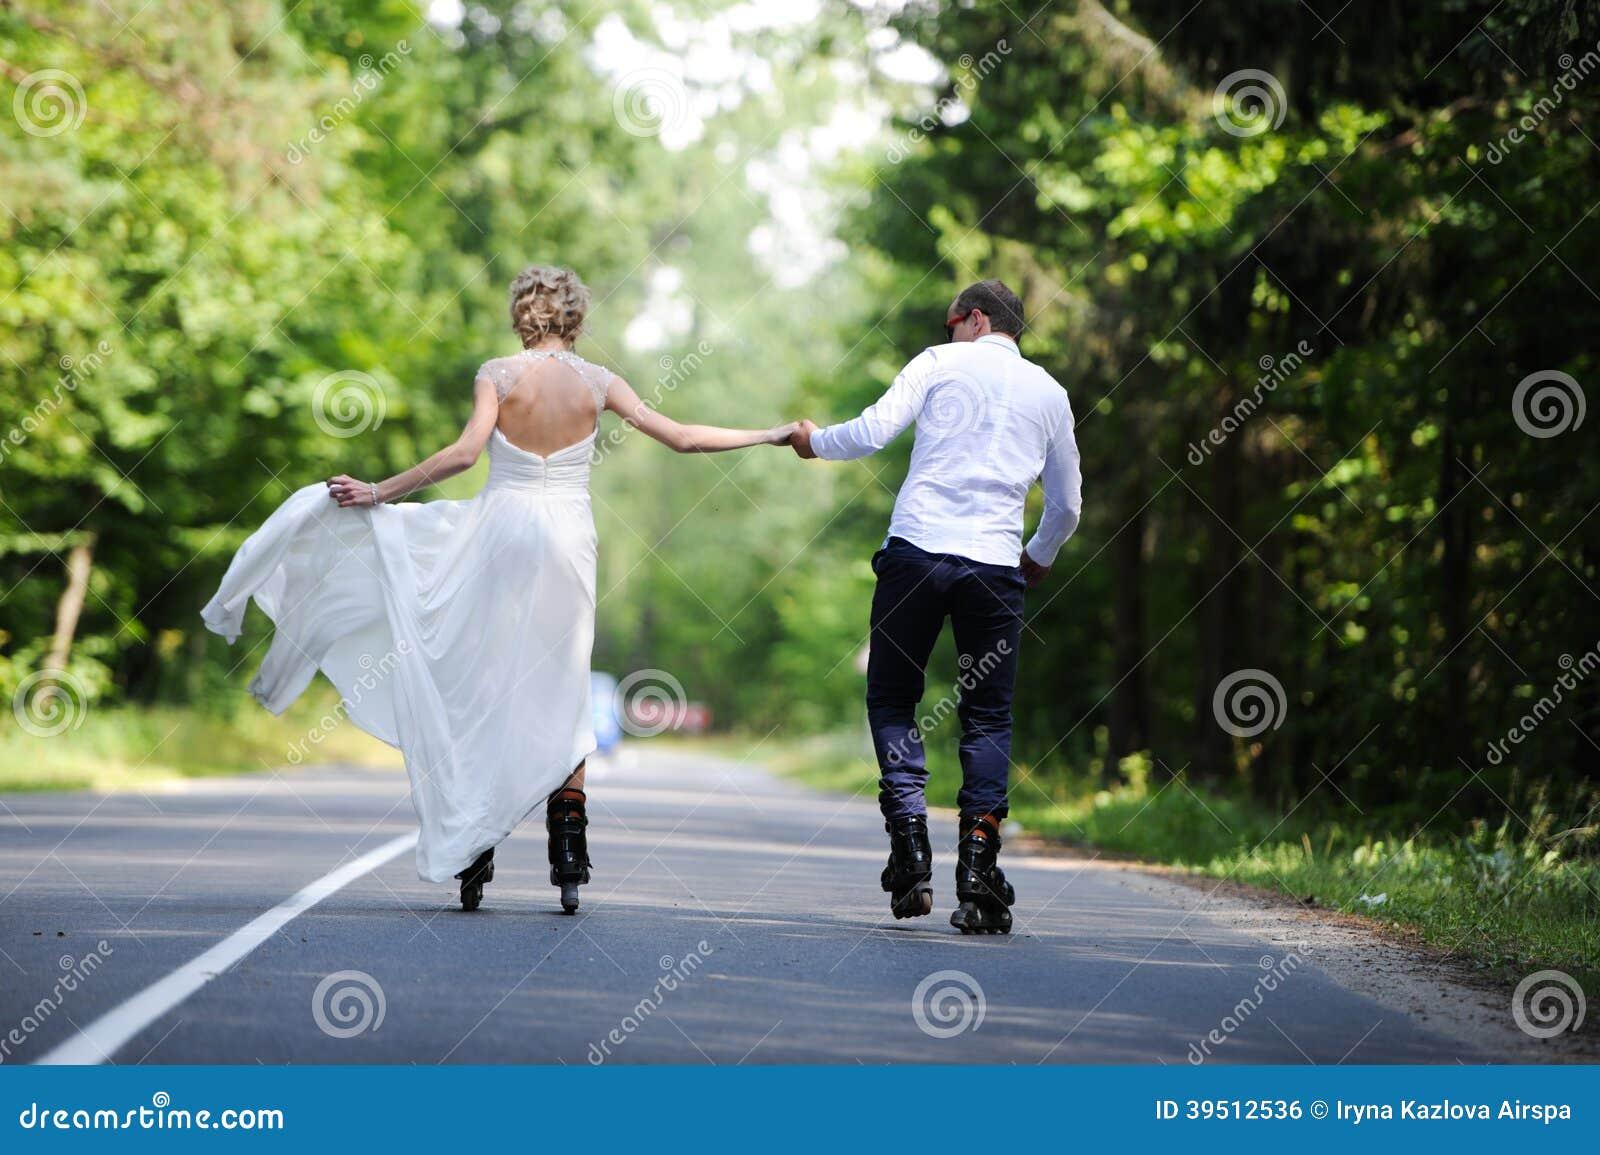 Promenade des amants sur un jardin